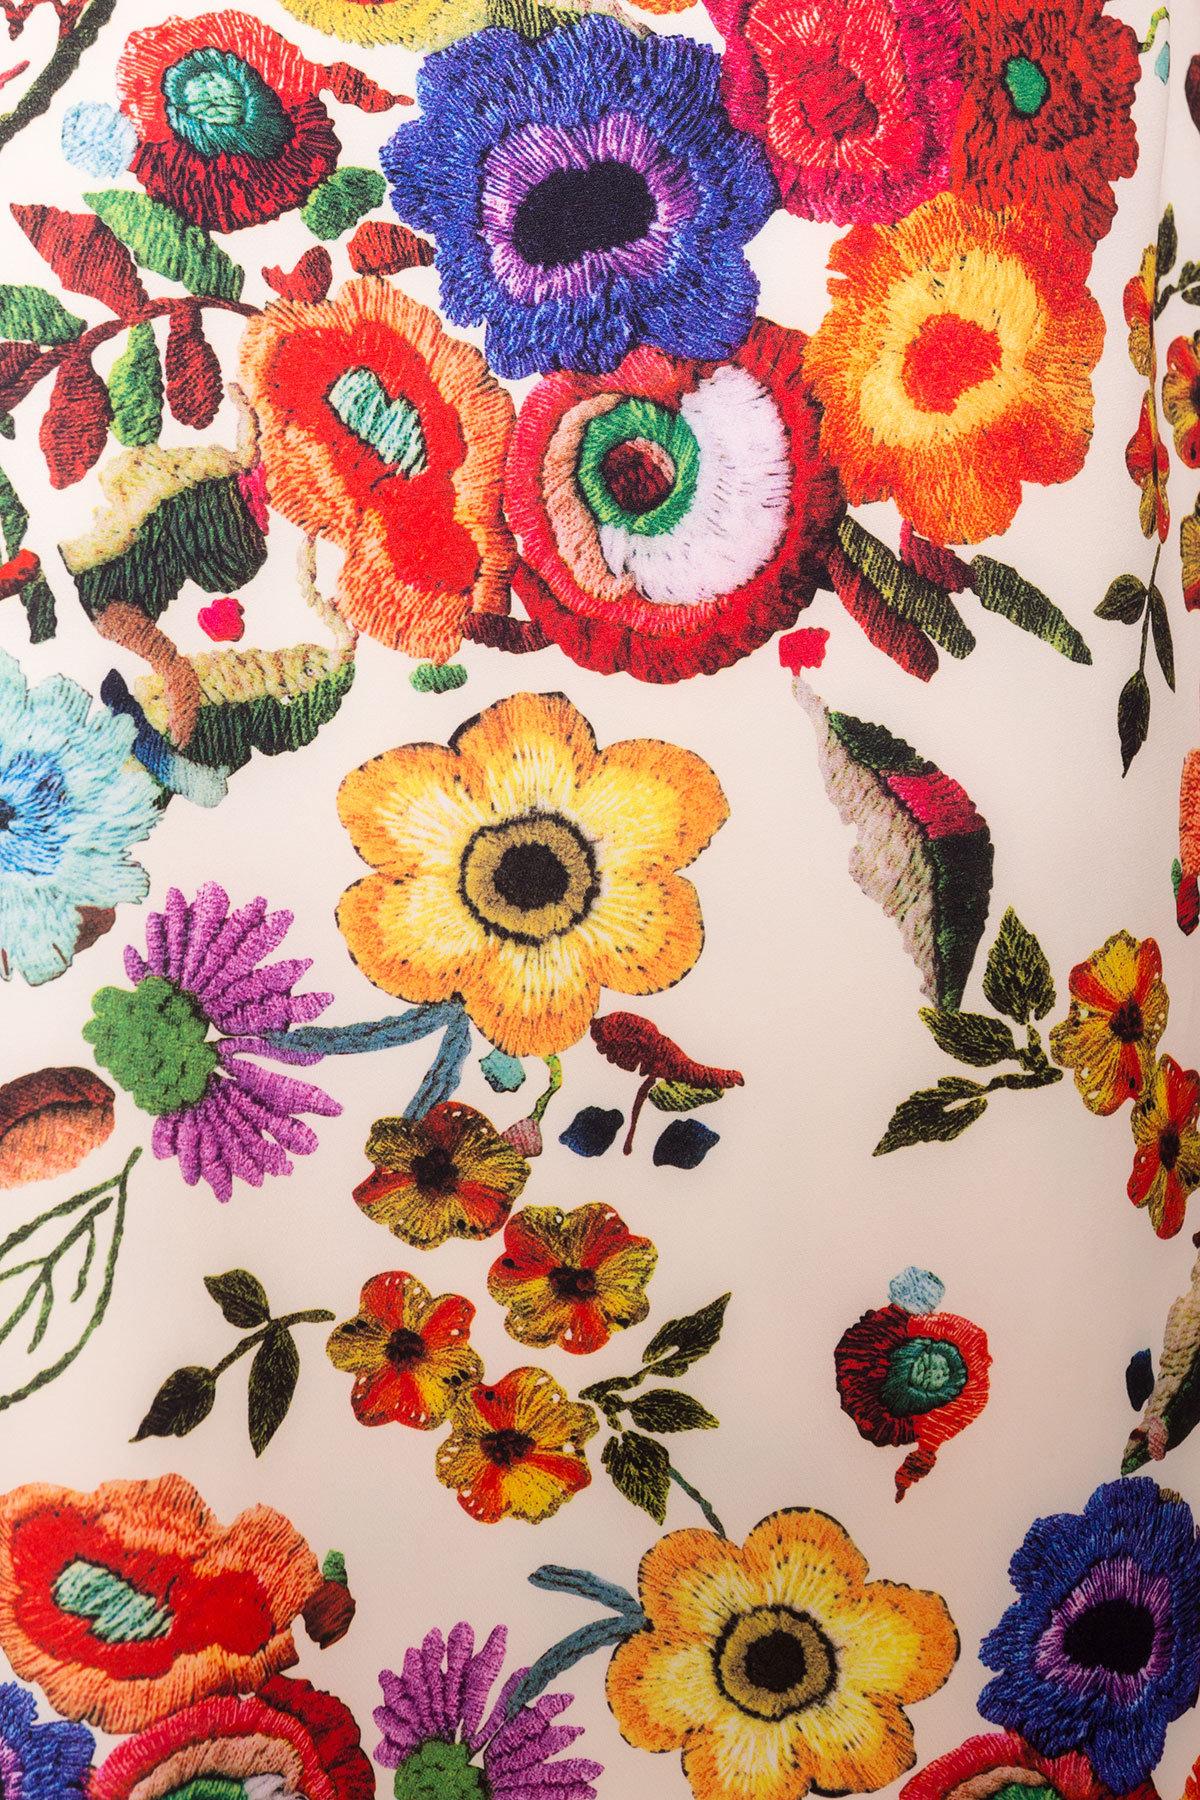 Платье Делафер DONNA 6885 АРТ. 43036 Цвет: Цветы комби молоко - фото 4, интернет магазин tm-modus.ru